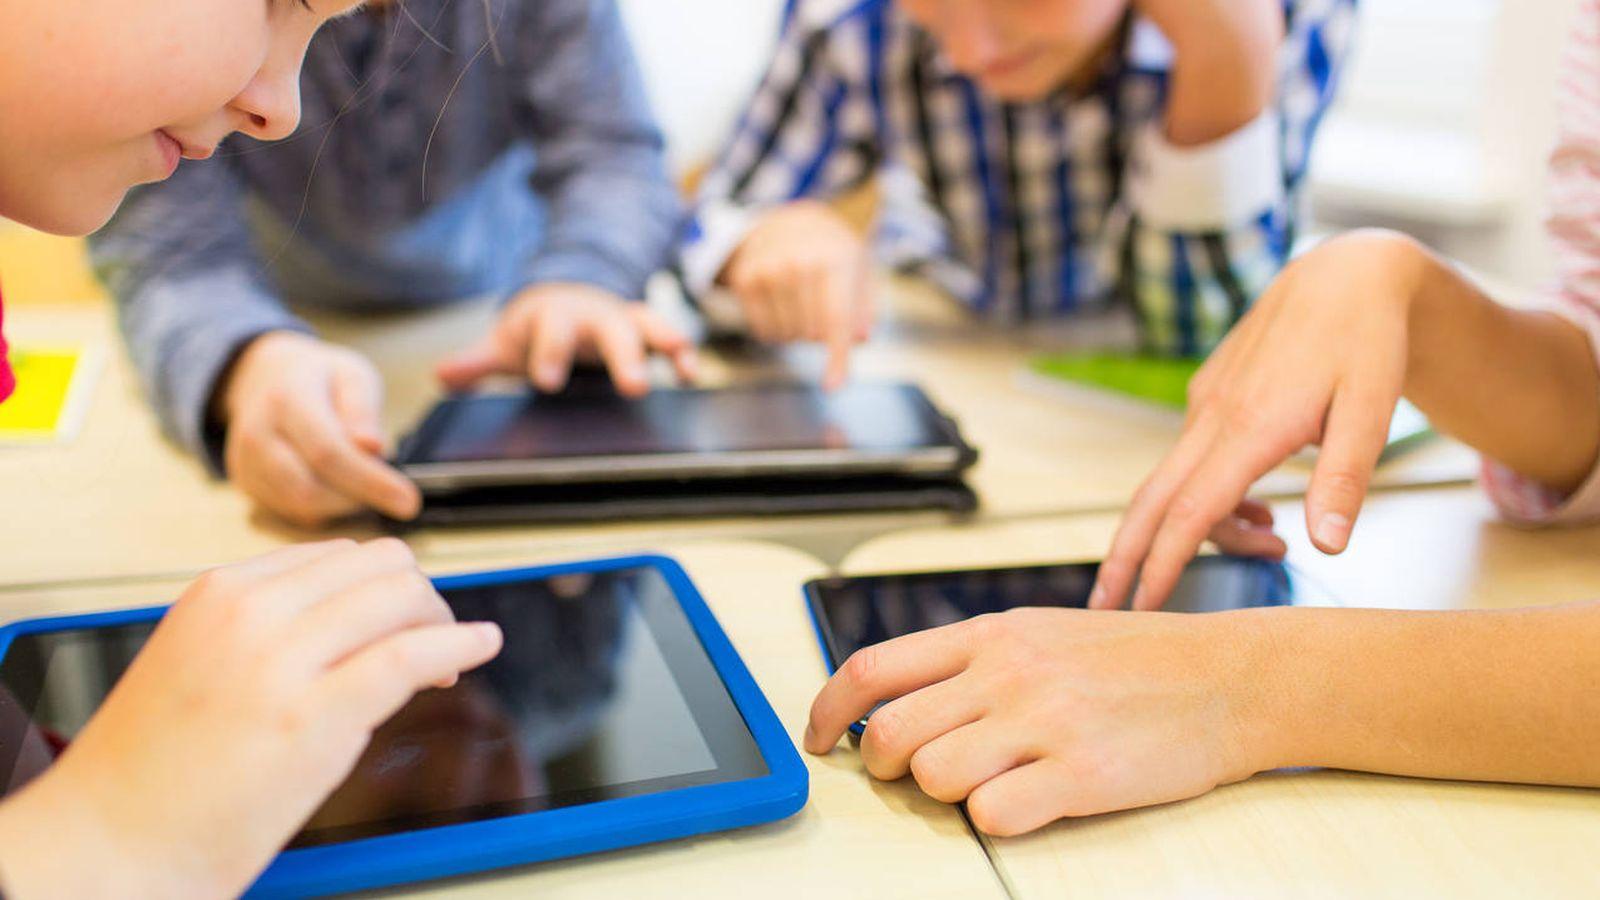 Foto: Varios niños utilizan dispositivos electrónicos. (iStock)